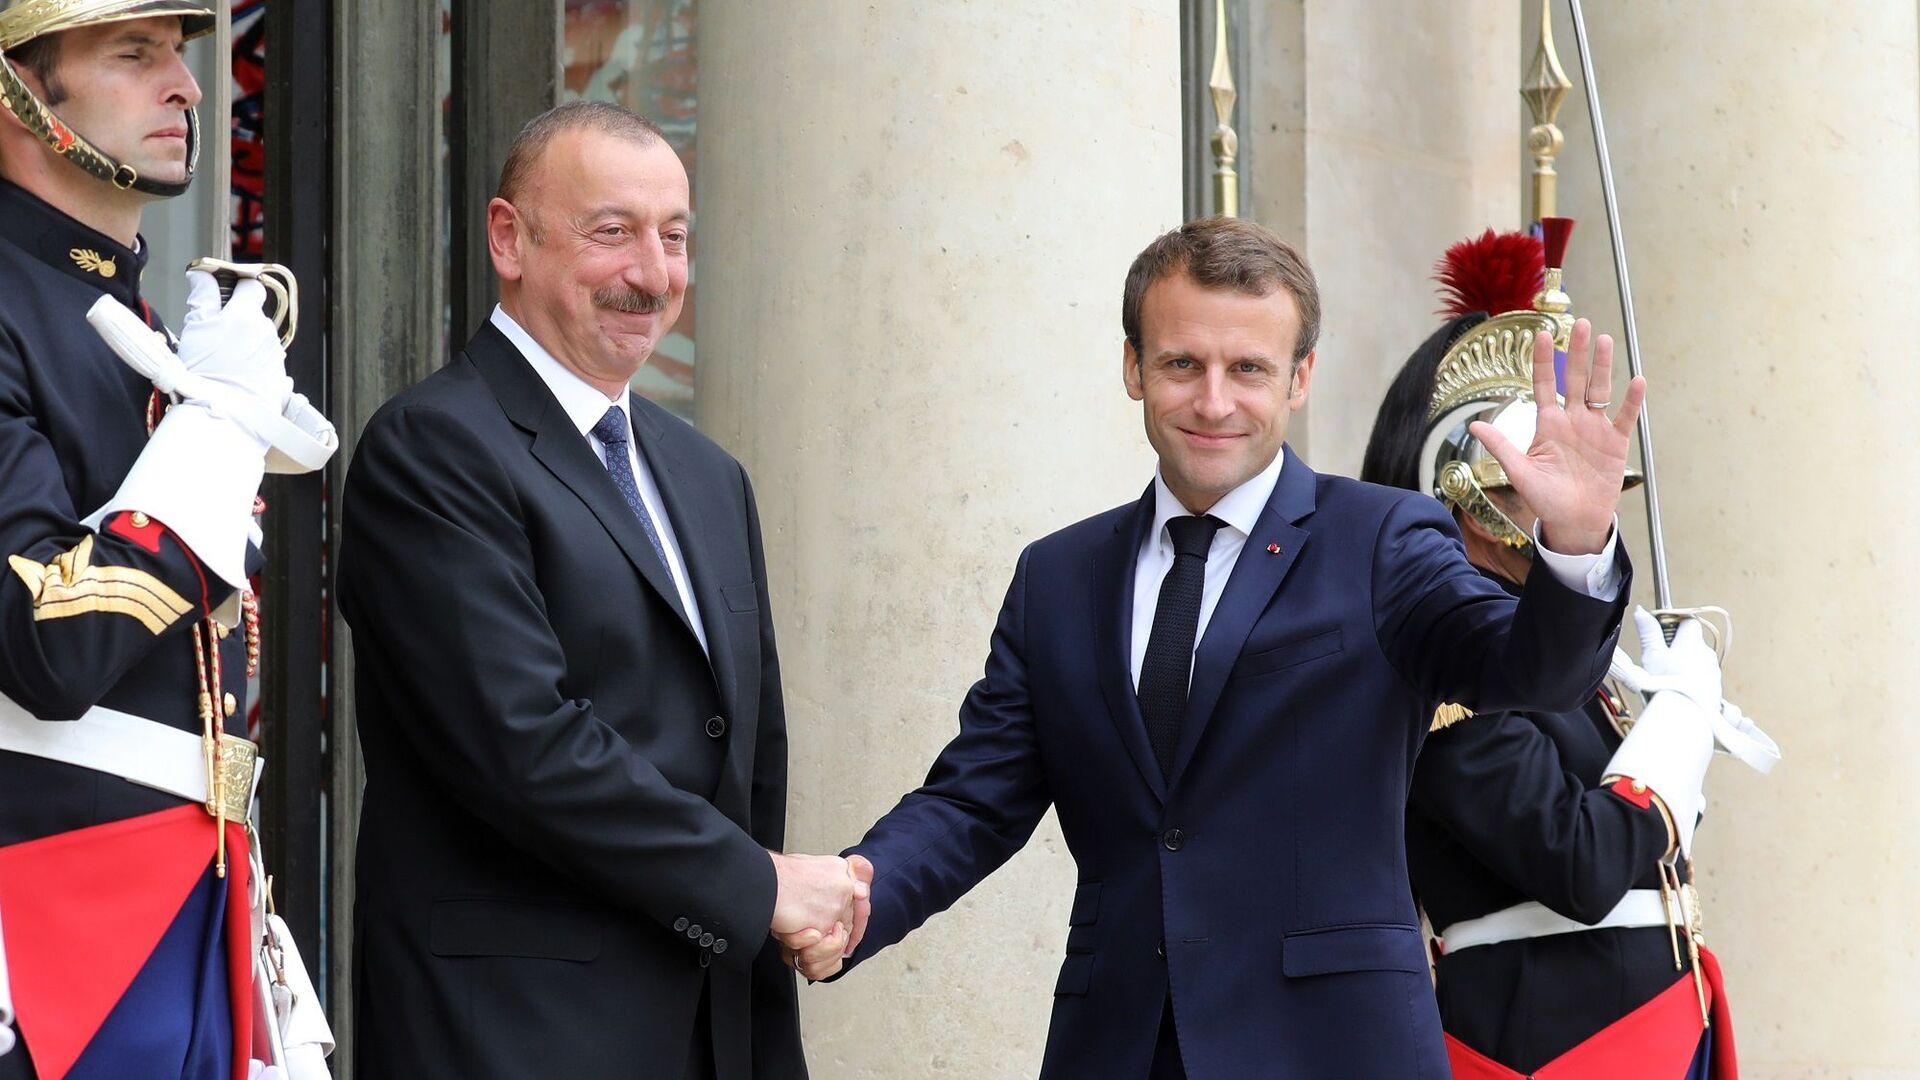 Azerbaycan Cumhurbaşkanı İlham Aliyev ile Fransa Cumhurbaşkanı Emmanuel Macron - Sputnik Türkiye, 1920, 05.08.2021